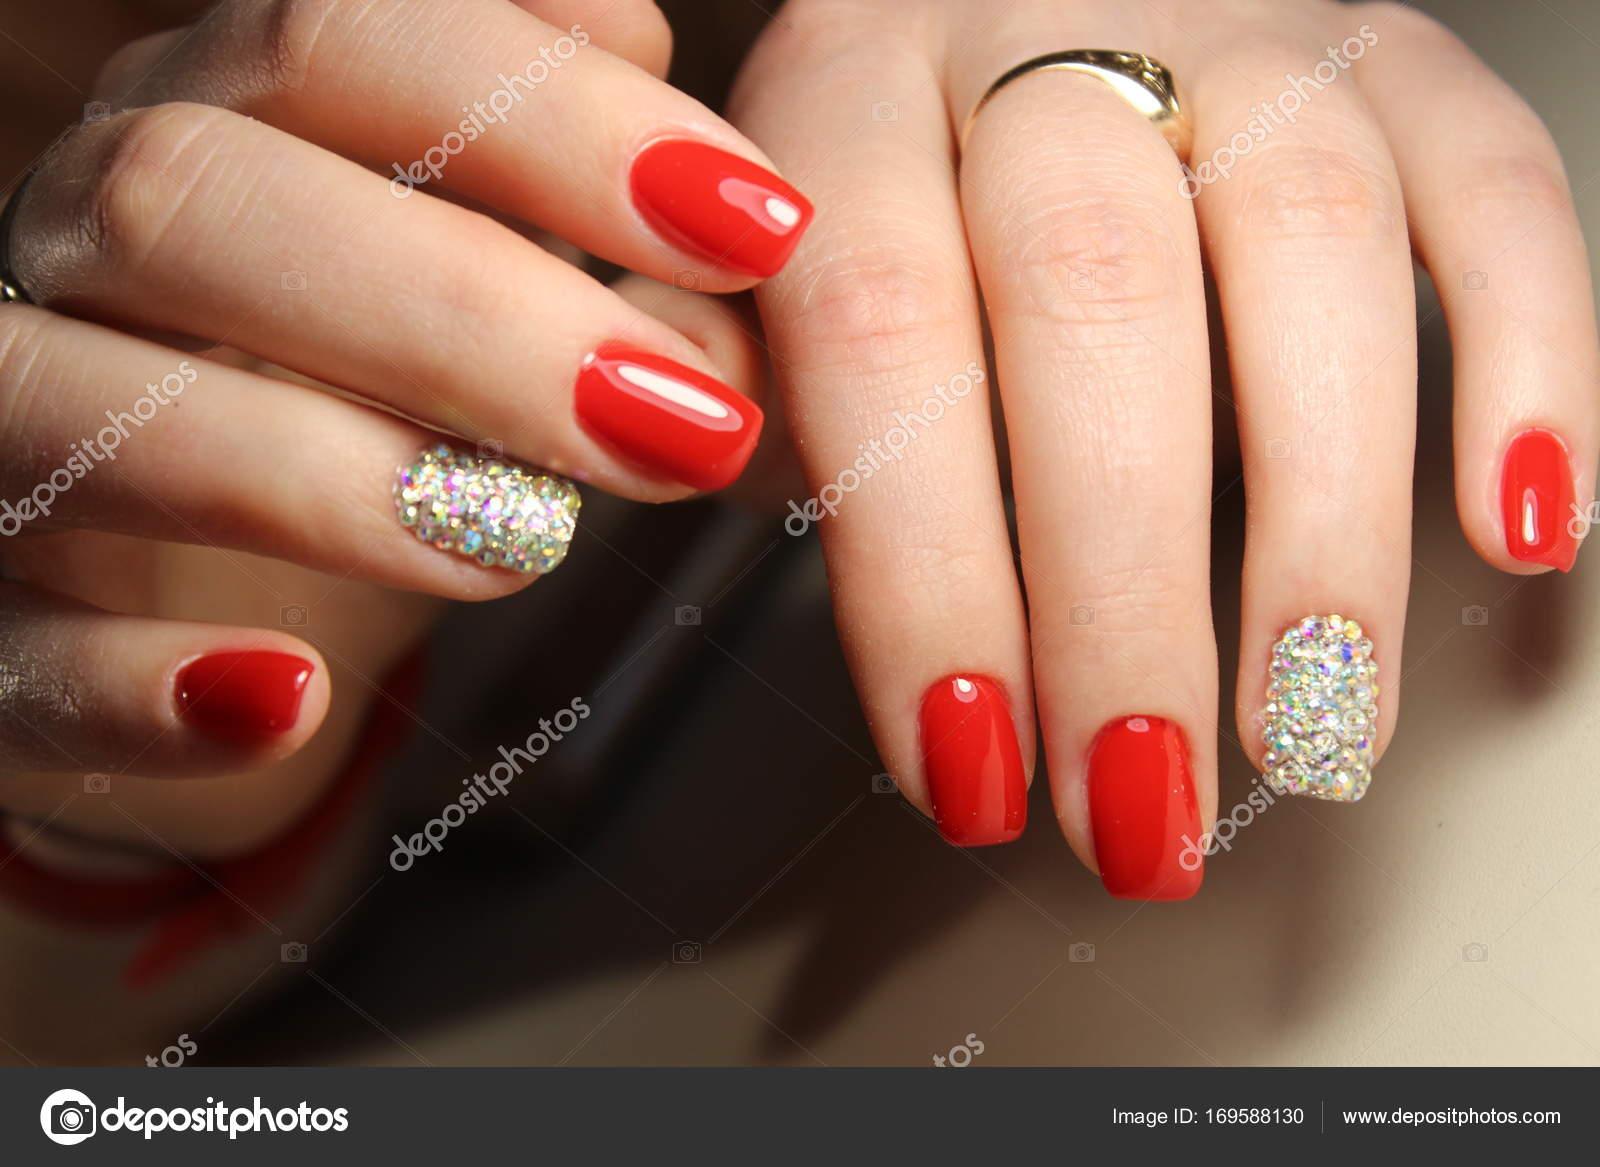 Маникюр ногтей дизайн красный со стразами — Стоковое фото ...